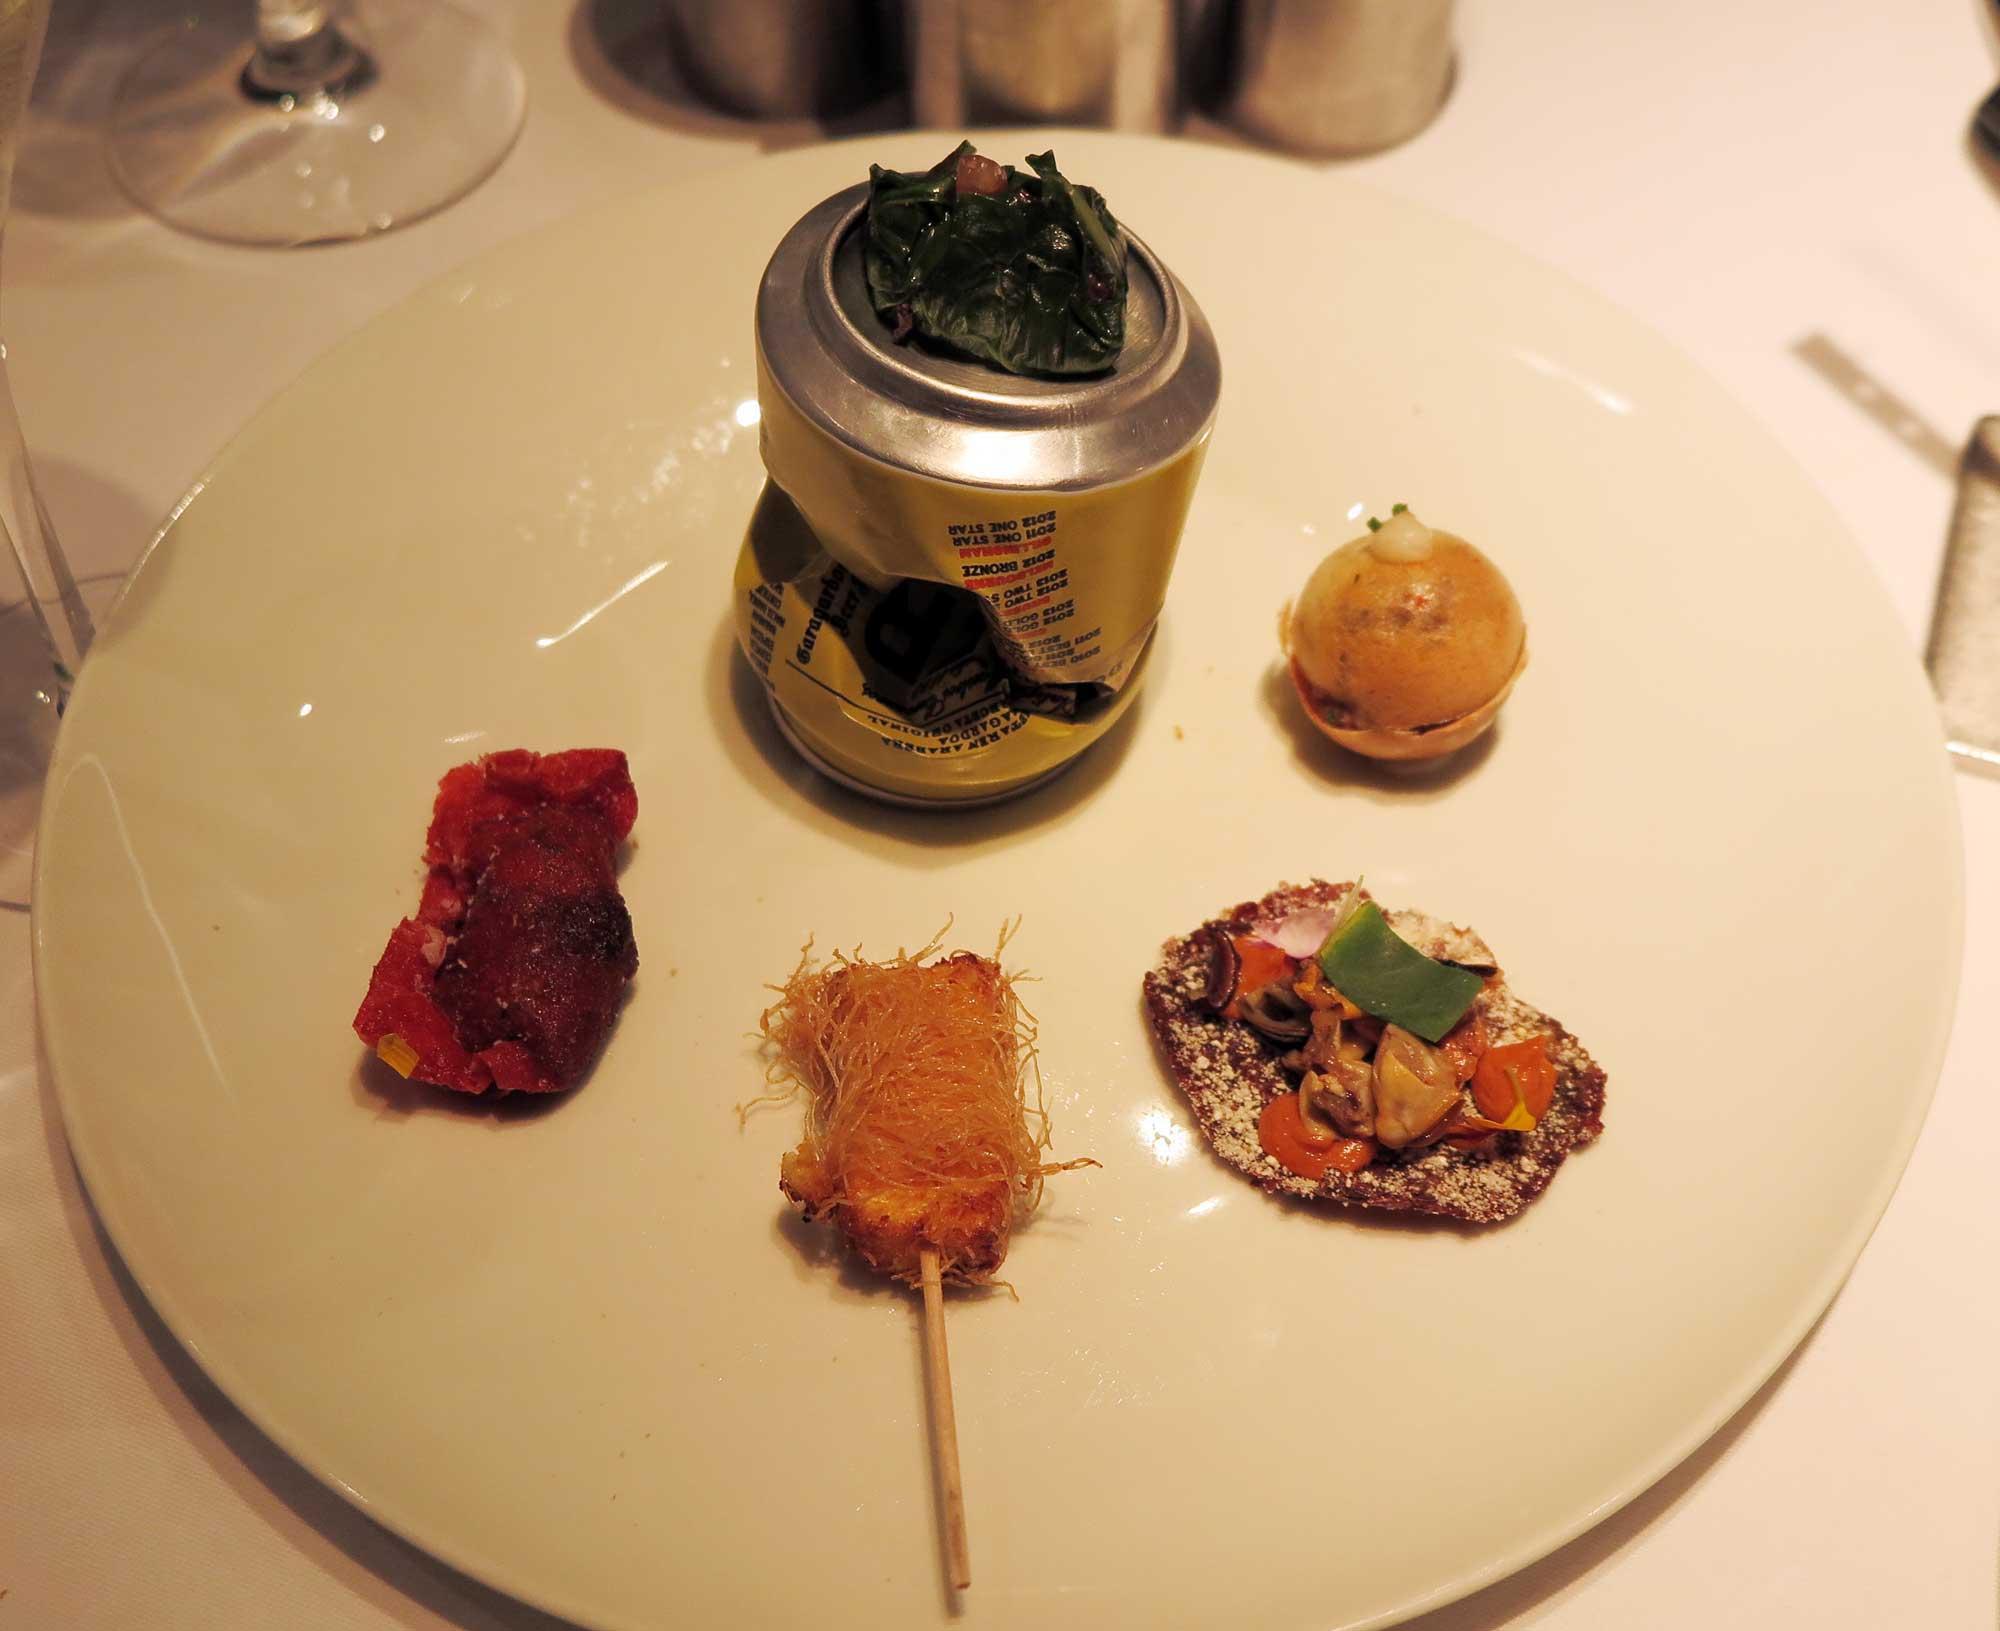 산 세바스티안 아르사크 레스토랑의 애피타이저 세트. 새우교자, 블랙푸딩, 쌈장렌틸콩쿠키 등 모든 요리의 형태와 맛이 새롭고 창의적이다.